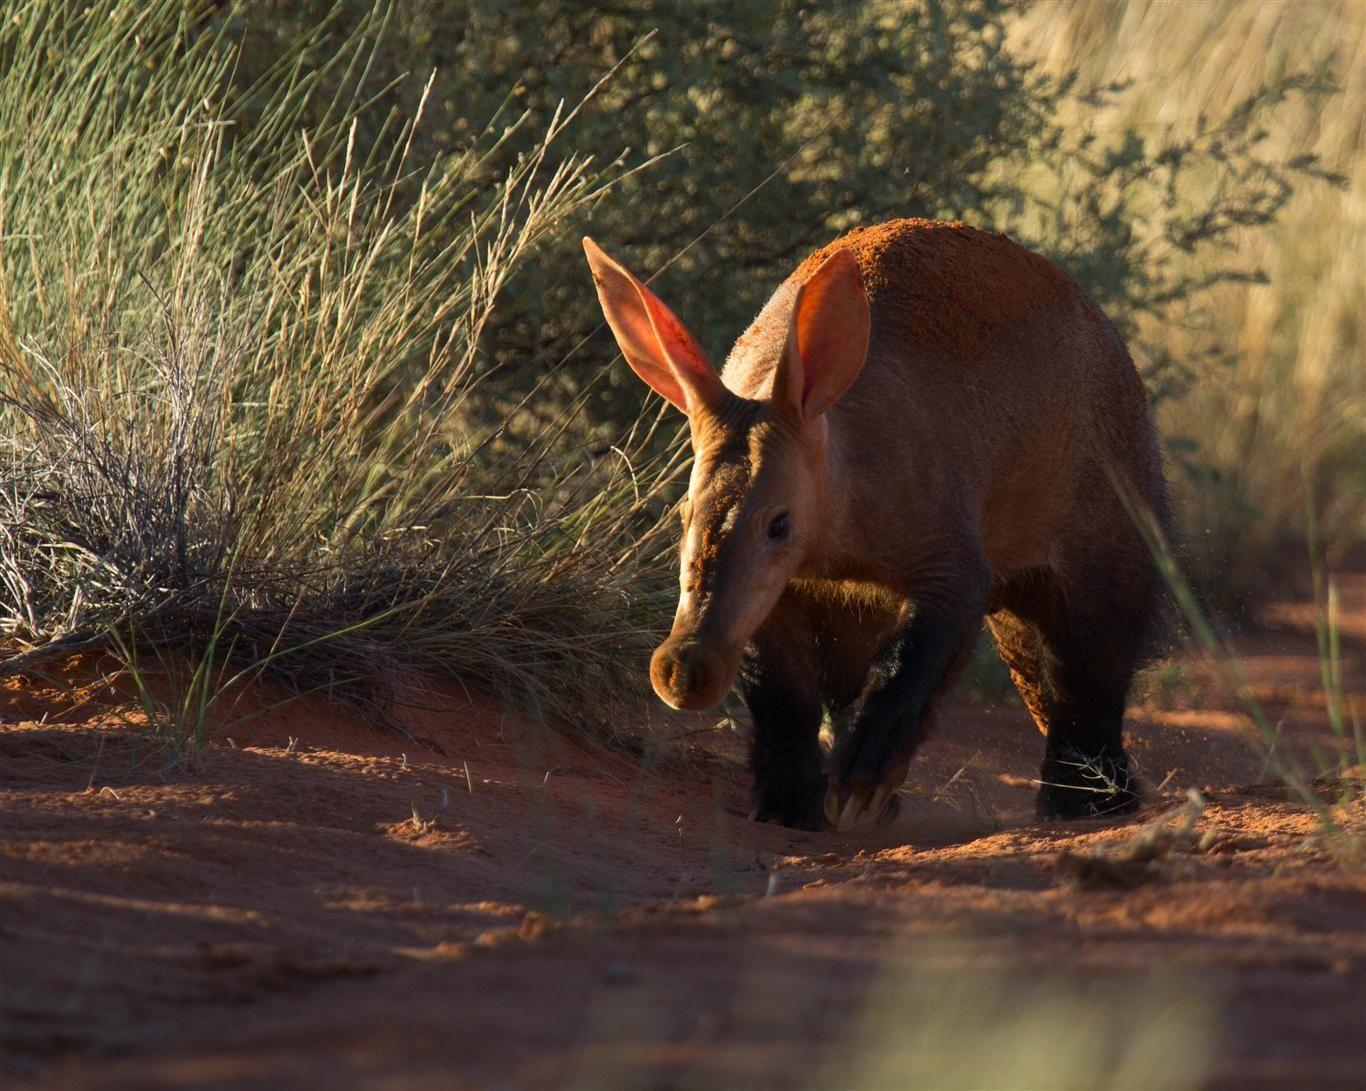 Anteater Erdvark Mammals of South Africa Pinterest